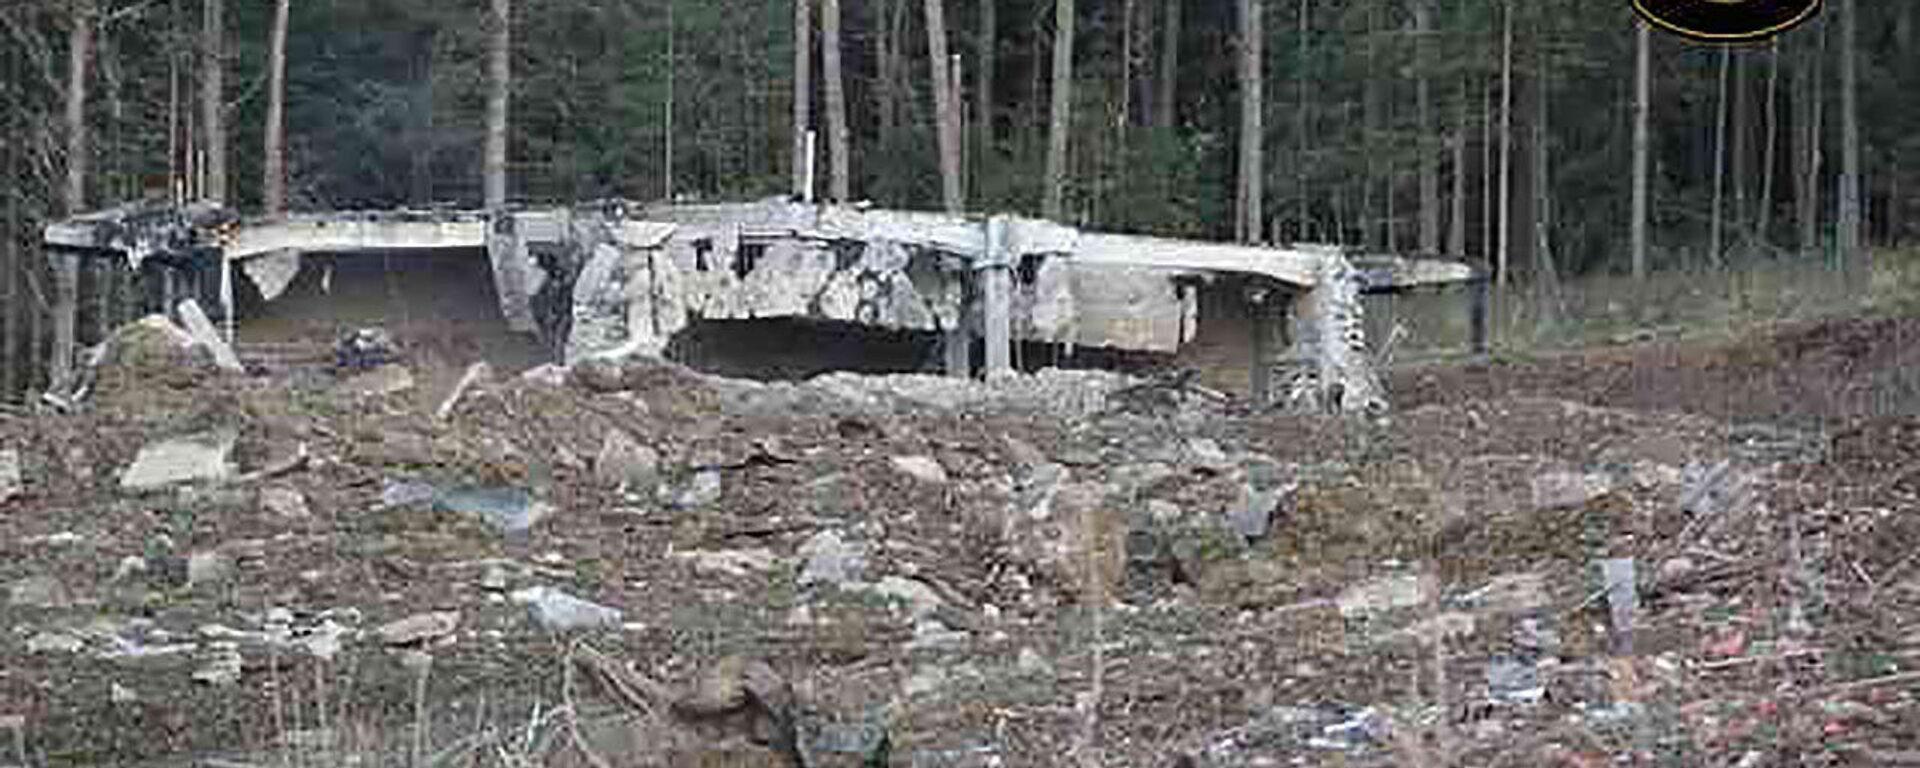 Wysadzenie składu z amunicją we  Vrběticach w 2014 roku - Sputnik Polska, 1920, 04.05.2021